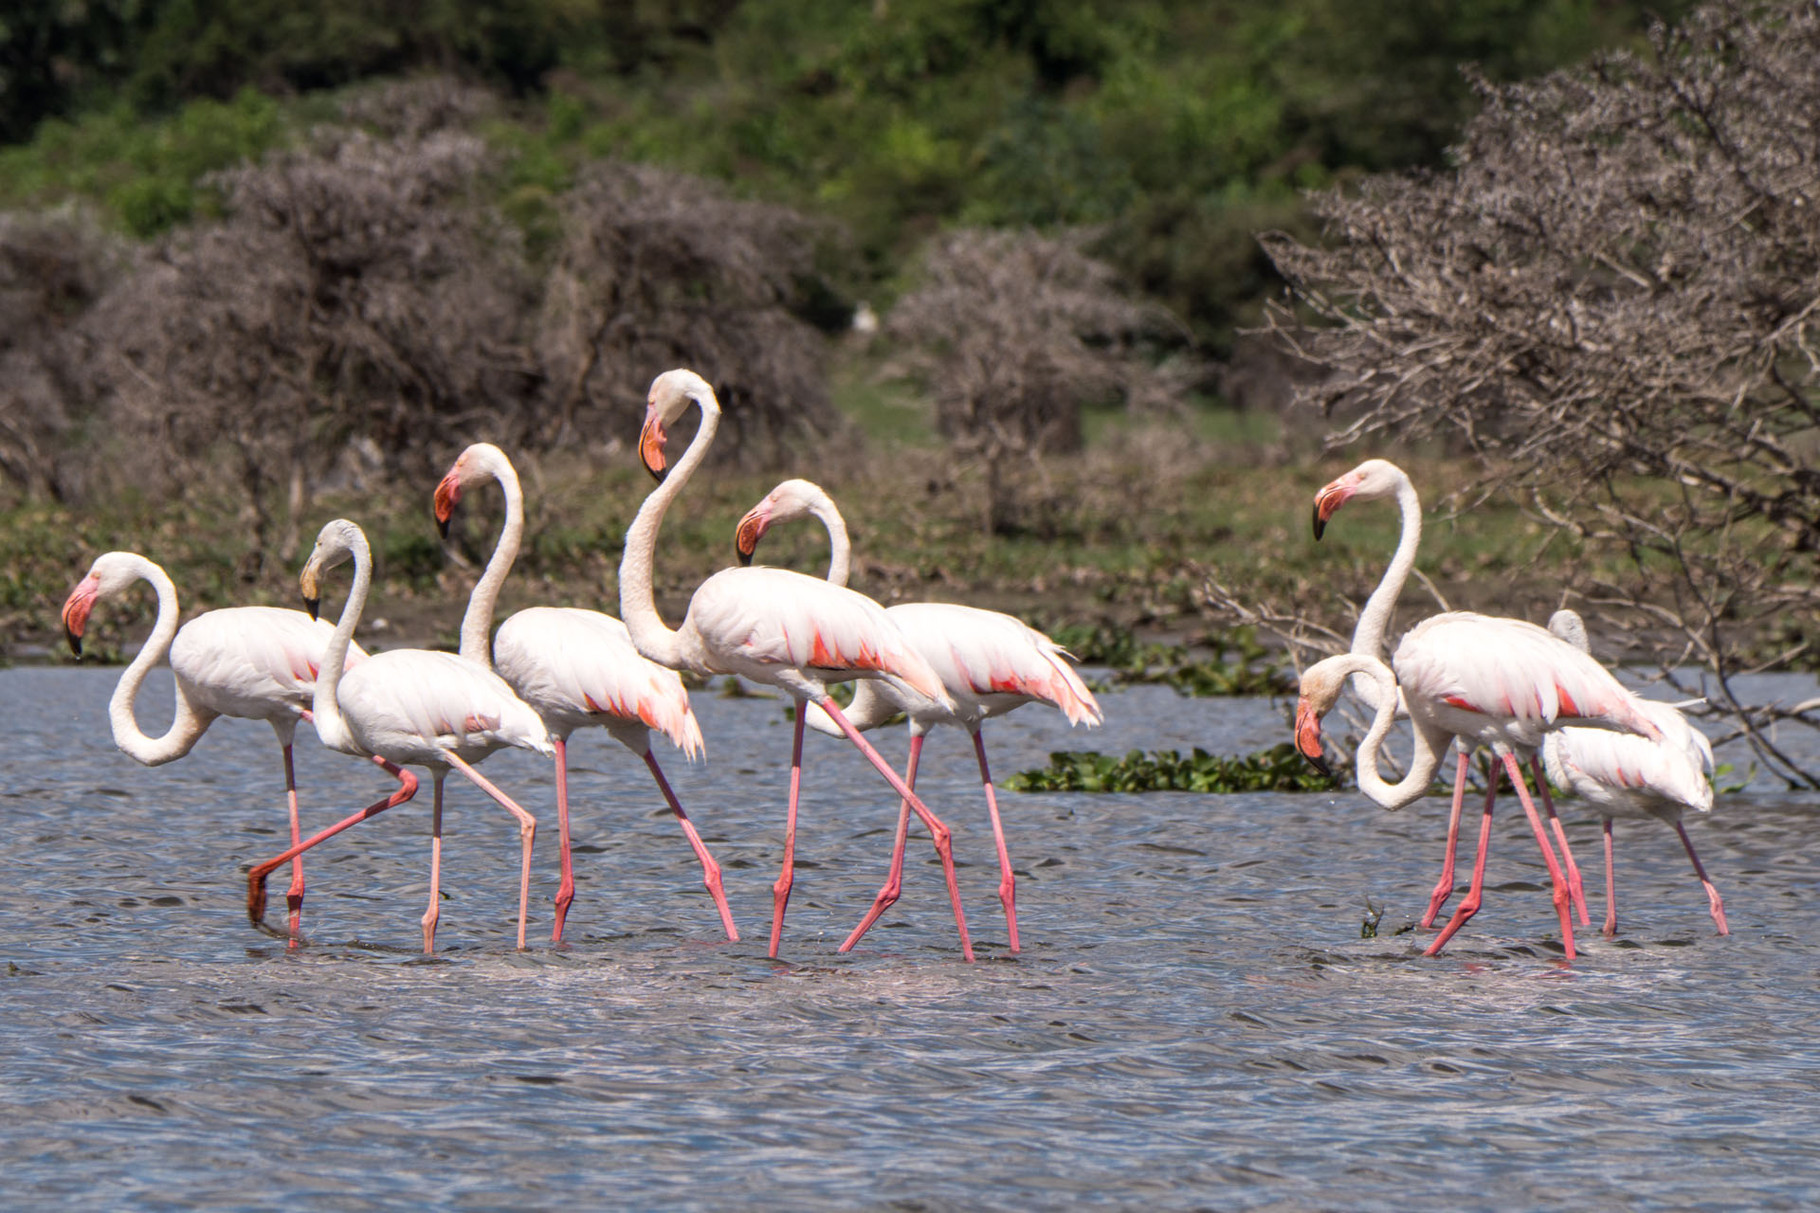 Flamingos [Lake Navaisha, Kenya, 2015]